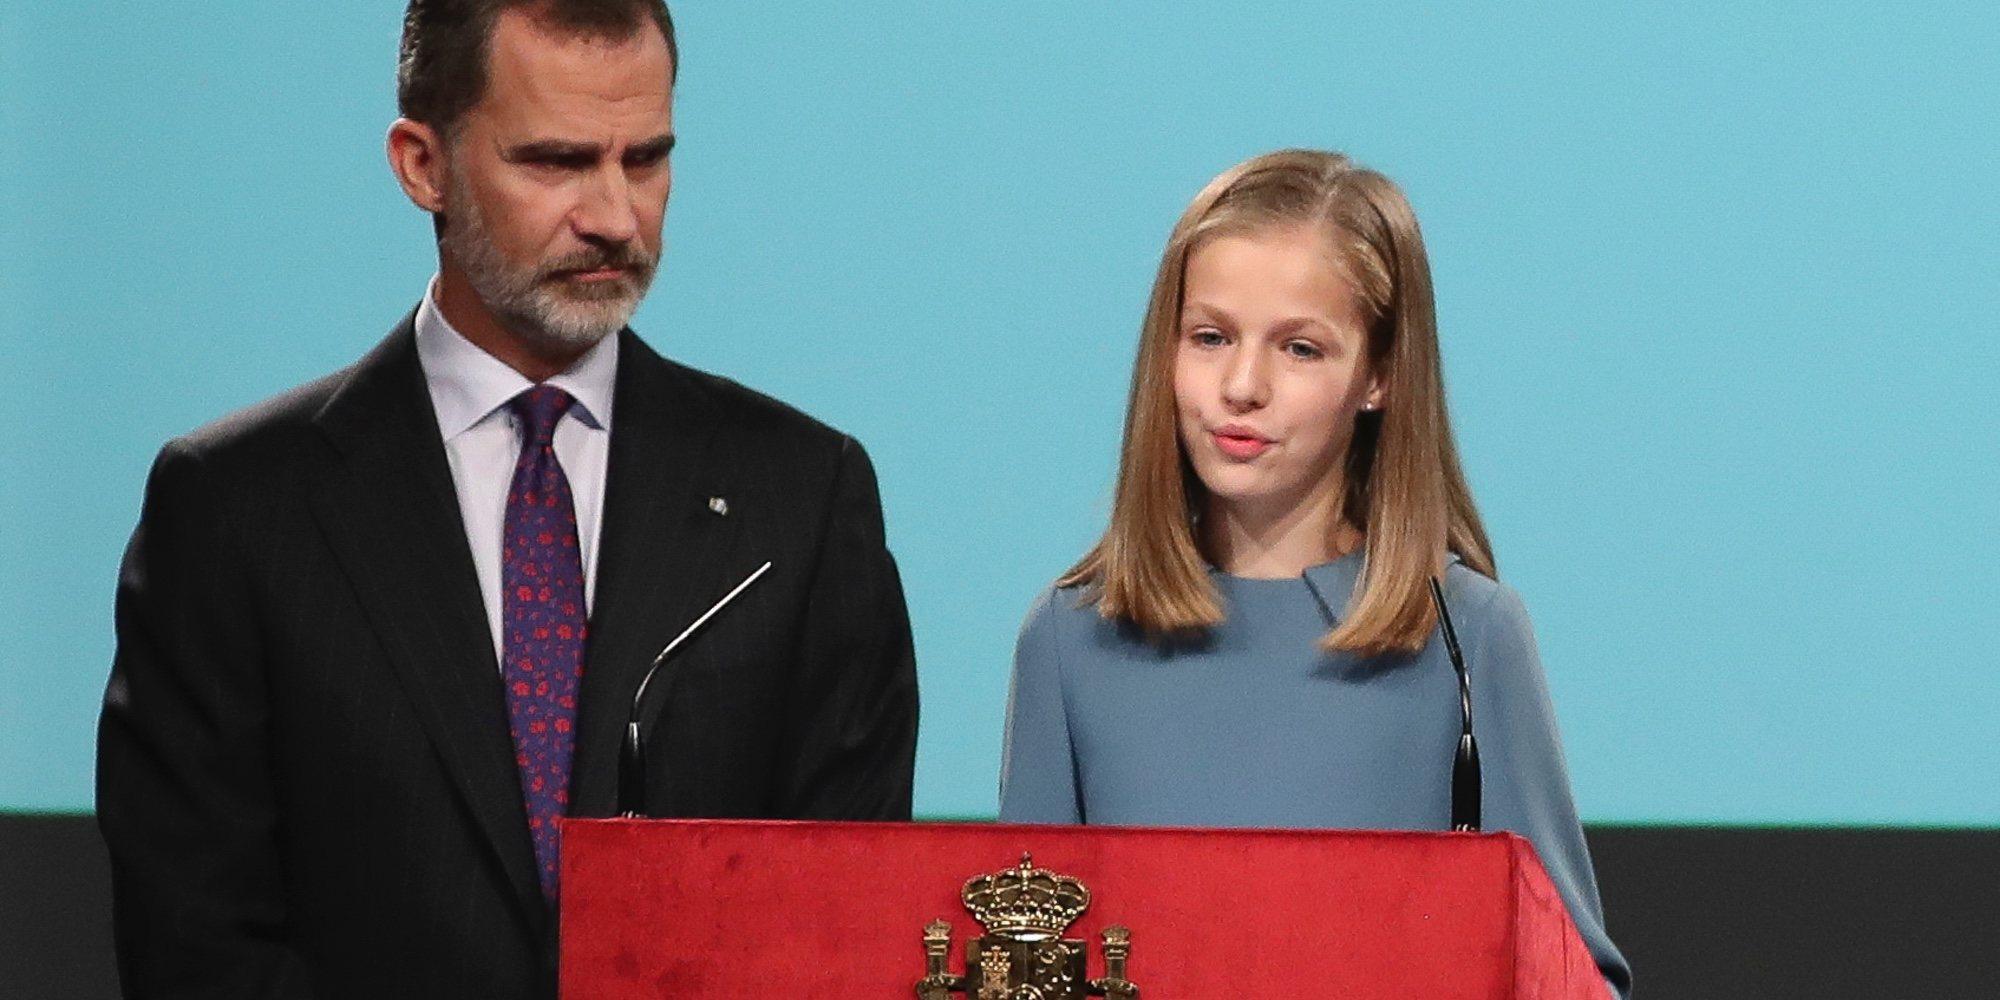 La primera intervención pública de la Princesa Leonor, superada con éxito ante el orgullo de la Reina Letizia